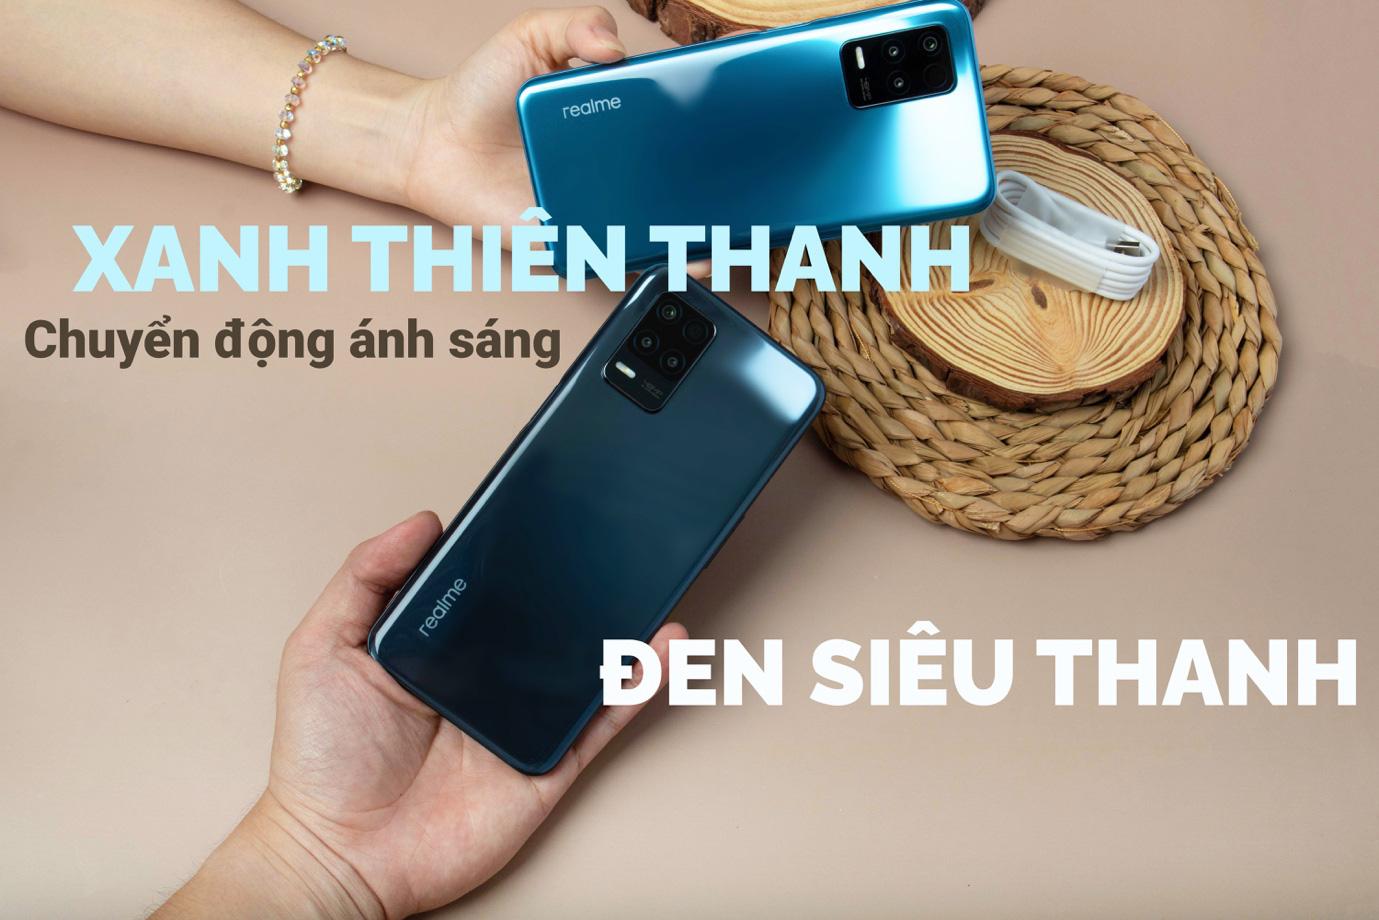 Trên tay chiếc điện thoại 5G hot nhất của realme: Xem phim cả ngày, cày game lướt web siêu nhanh, siêu khỏe! - Ảnh 4.